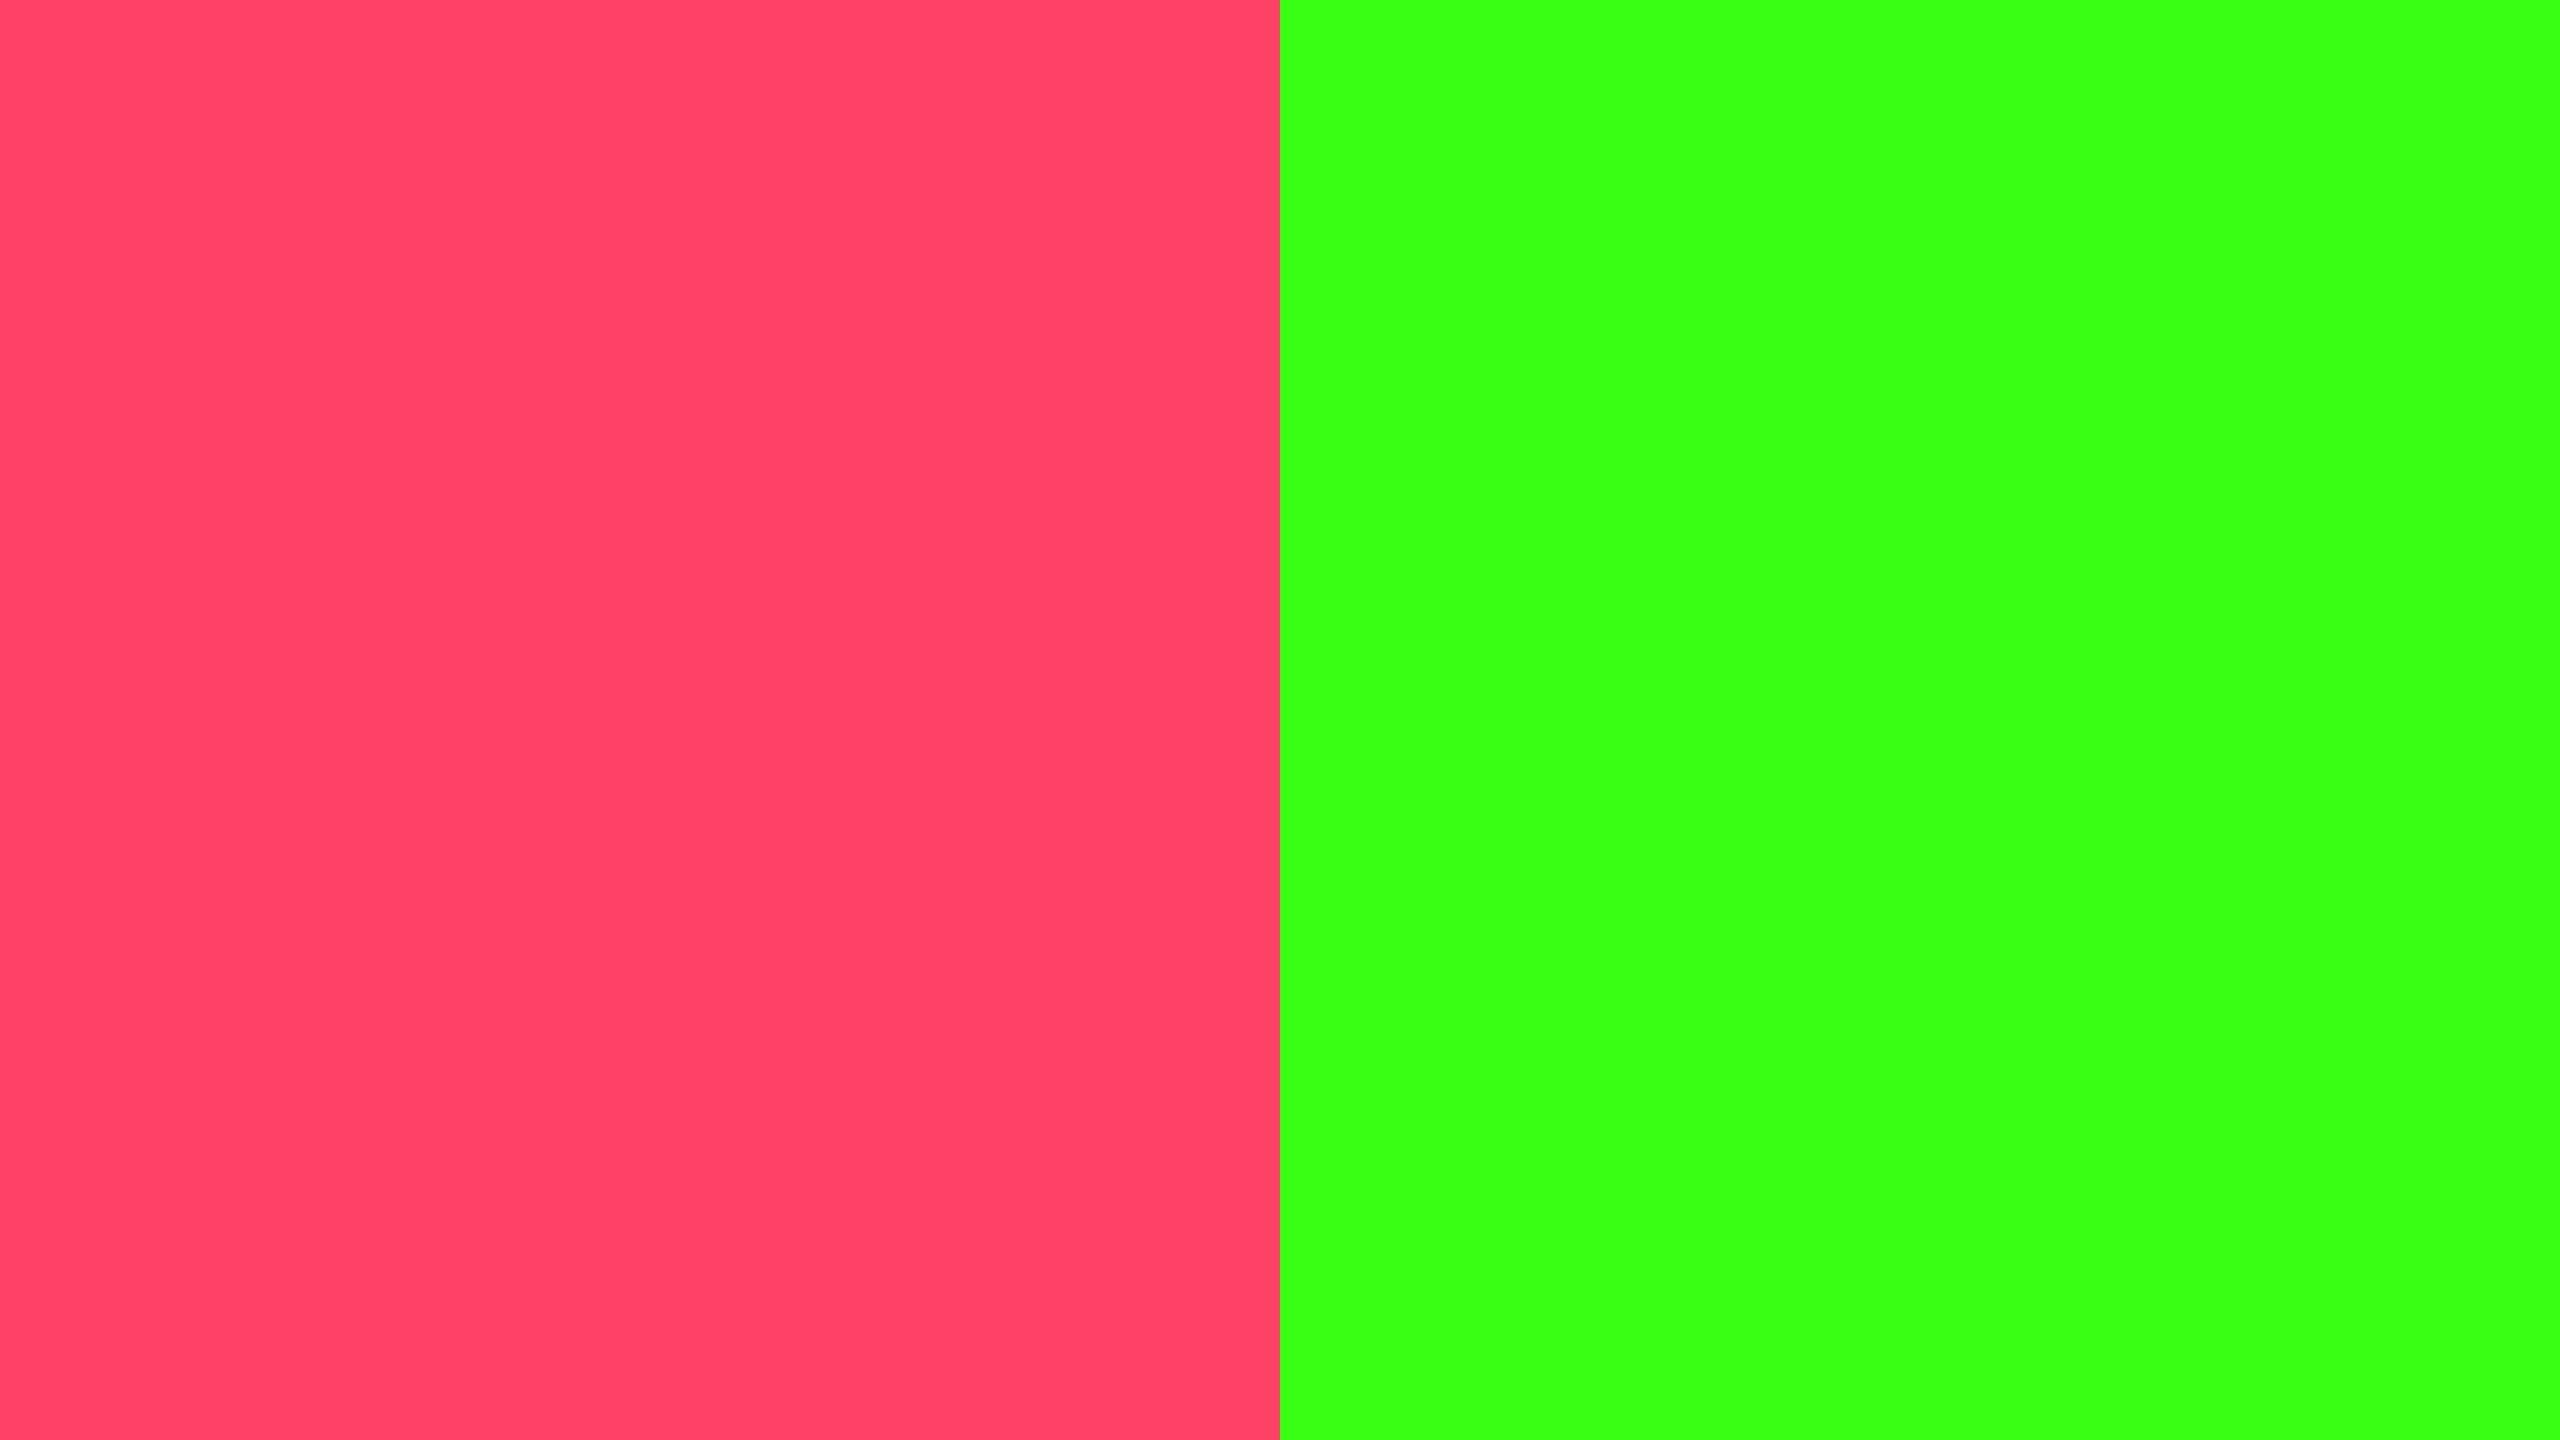 2560×1440-neon-fuchsia-neon-green-two-color-background.